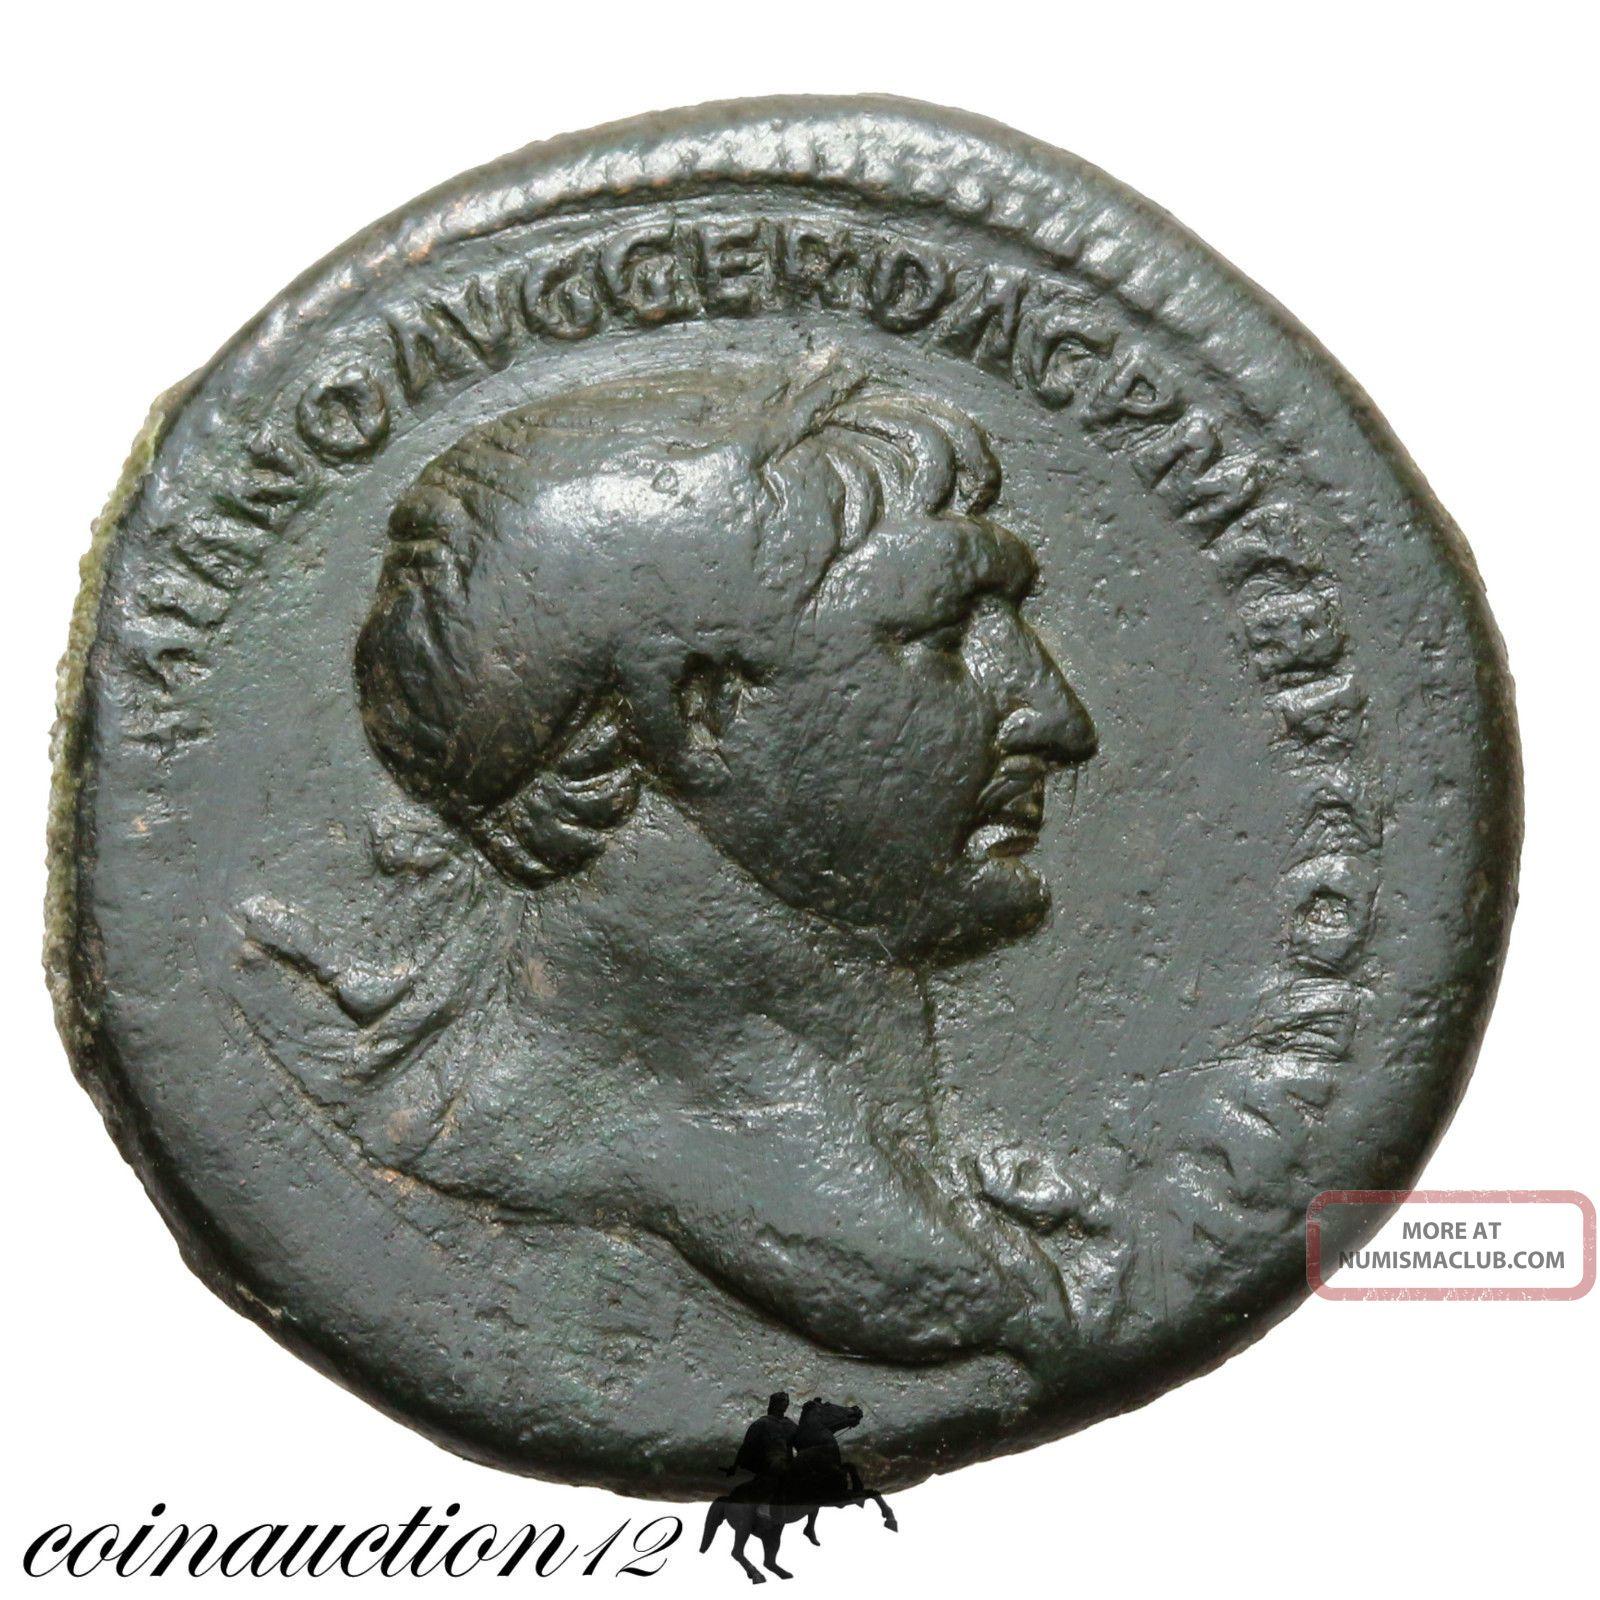 Roman Bronze Dupondius Trajan Spqr Optimo Principi S C Coins: Ancient photo